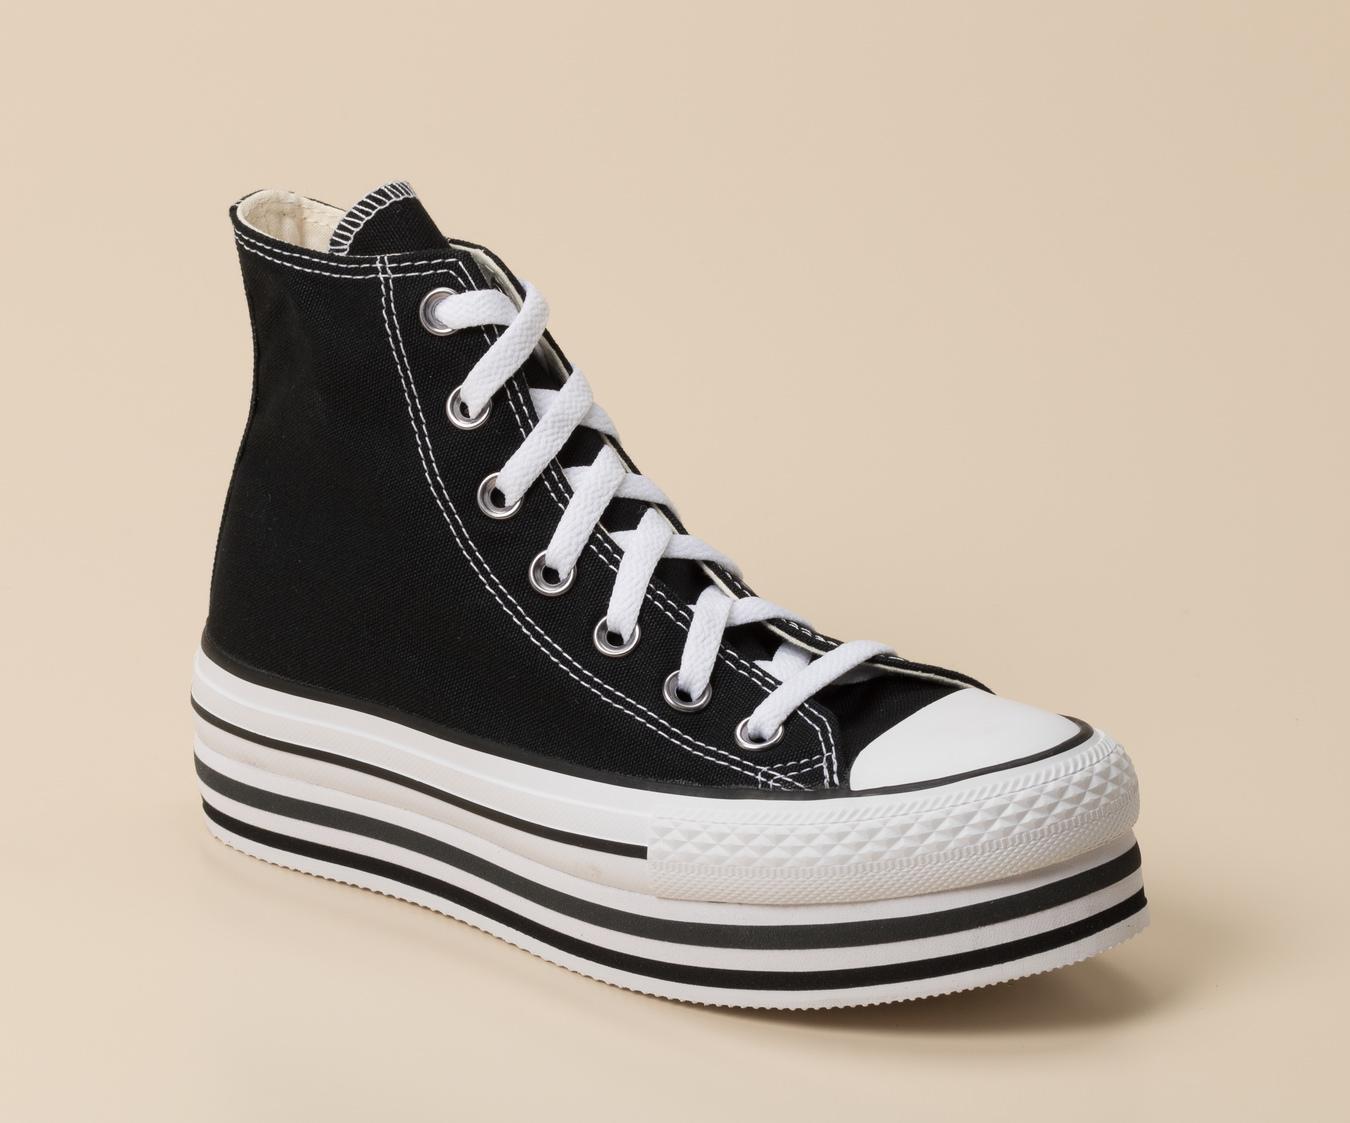 Converse Damen Sneaker high in schwarz kaufen | Zumnorde